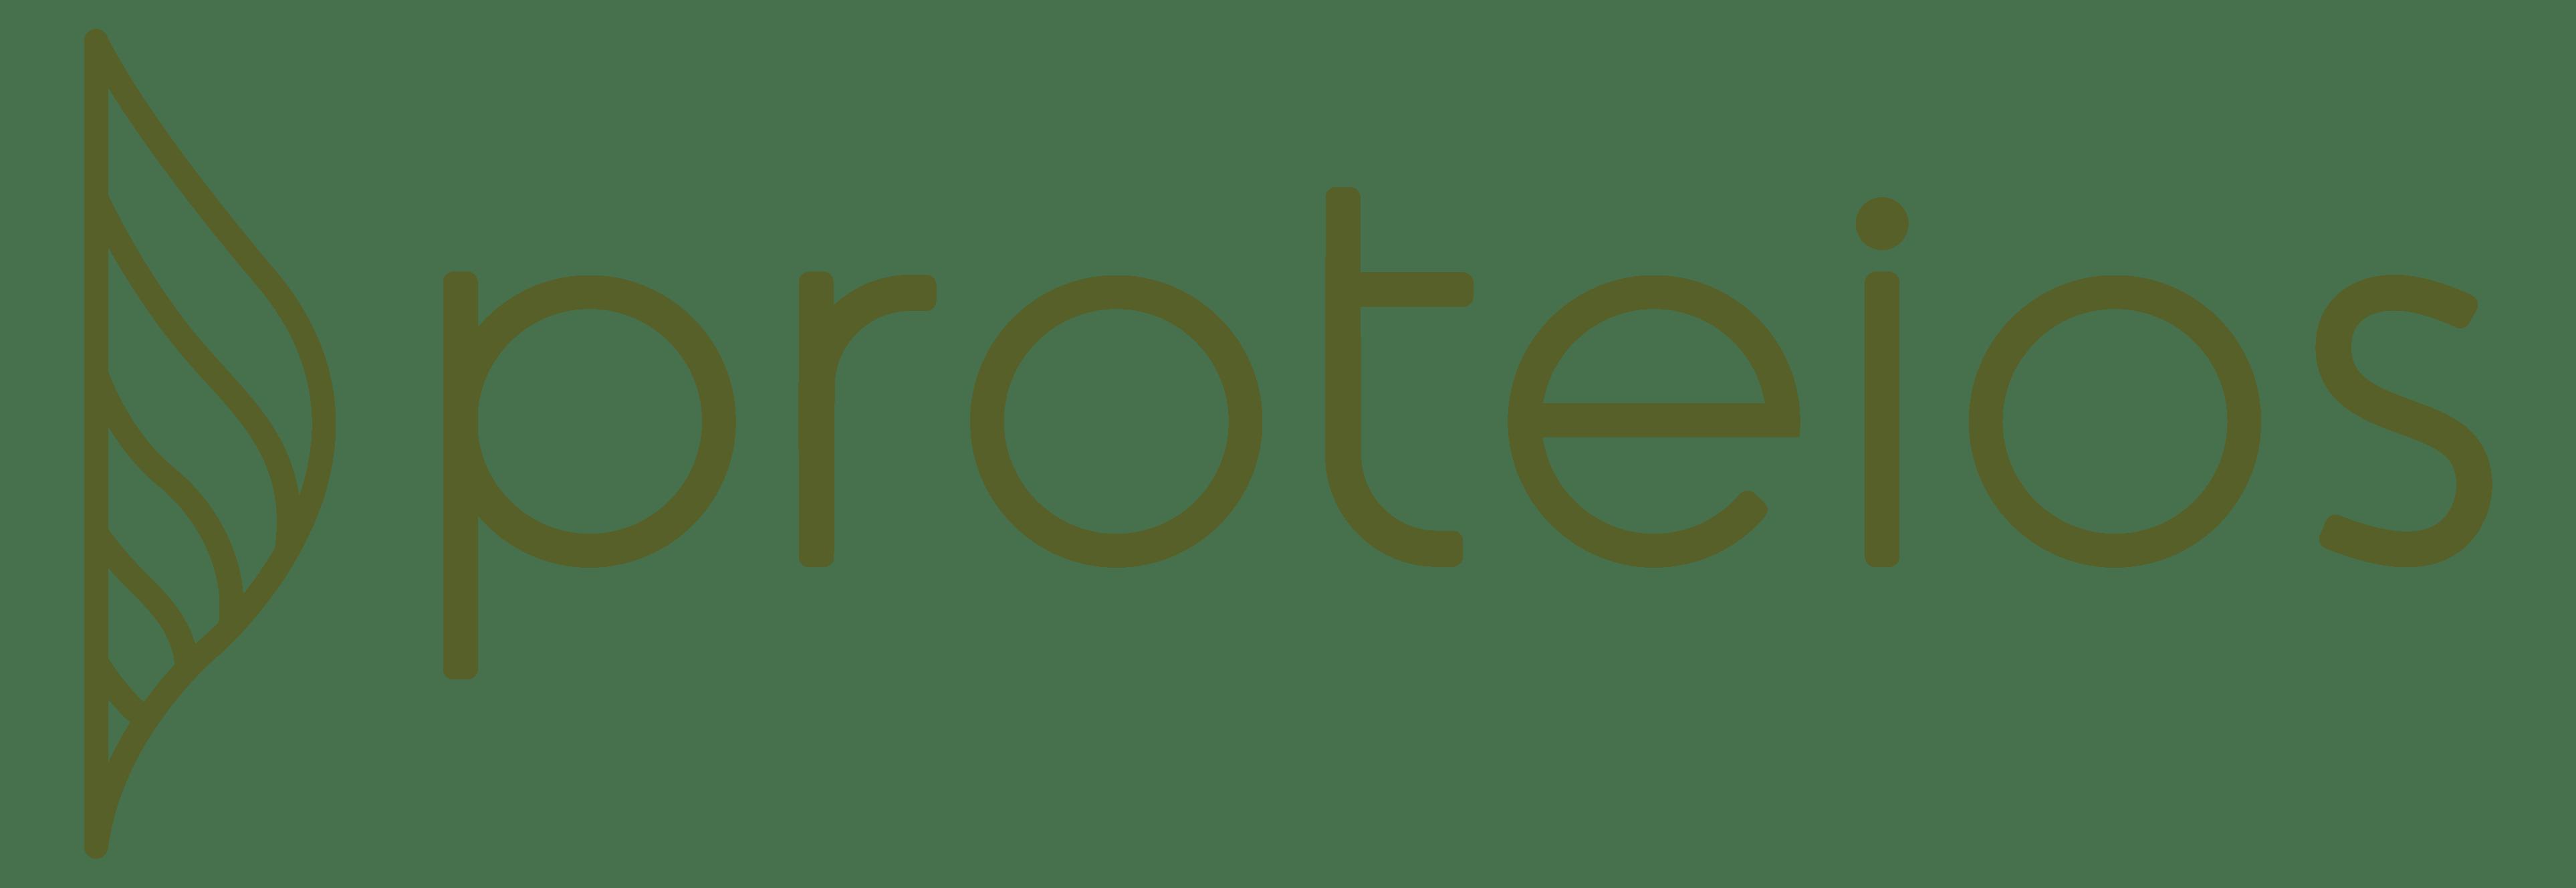 Proteios Nutrição